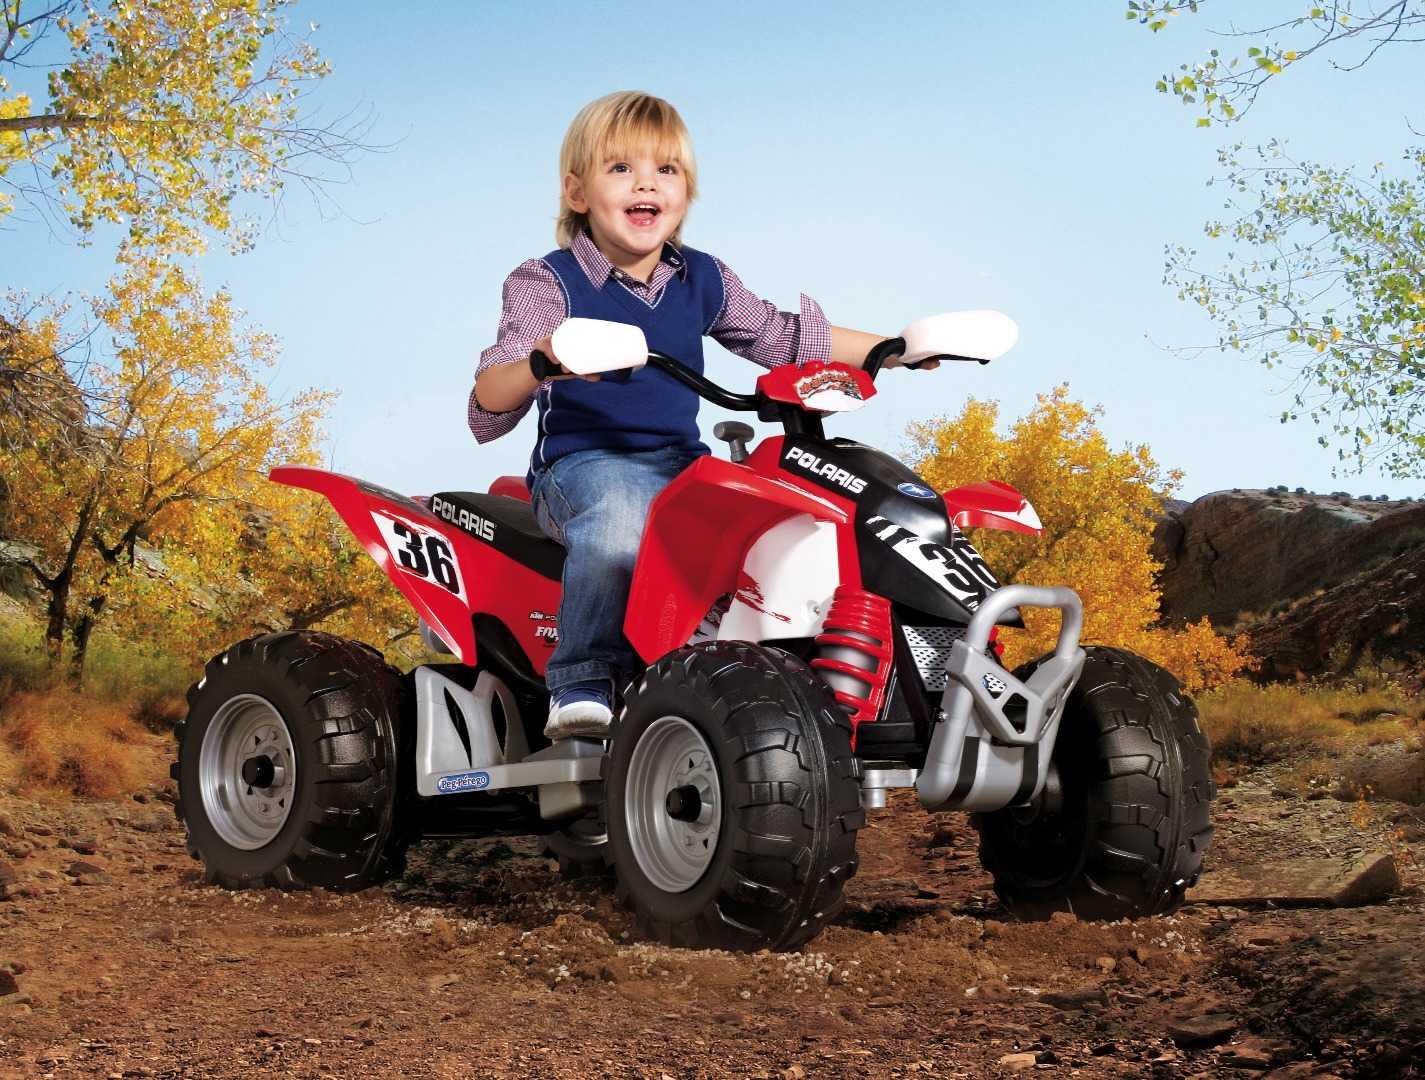 Купить детский бензиновый квадроцикл в Москве с доставкой